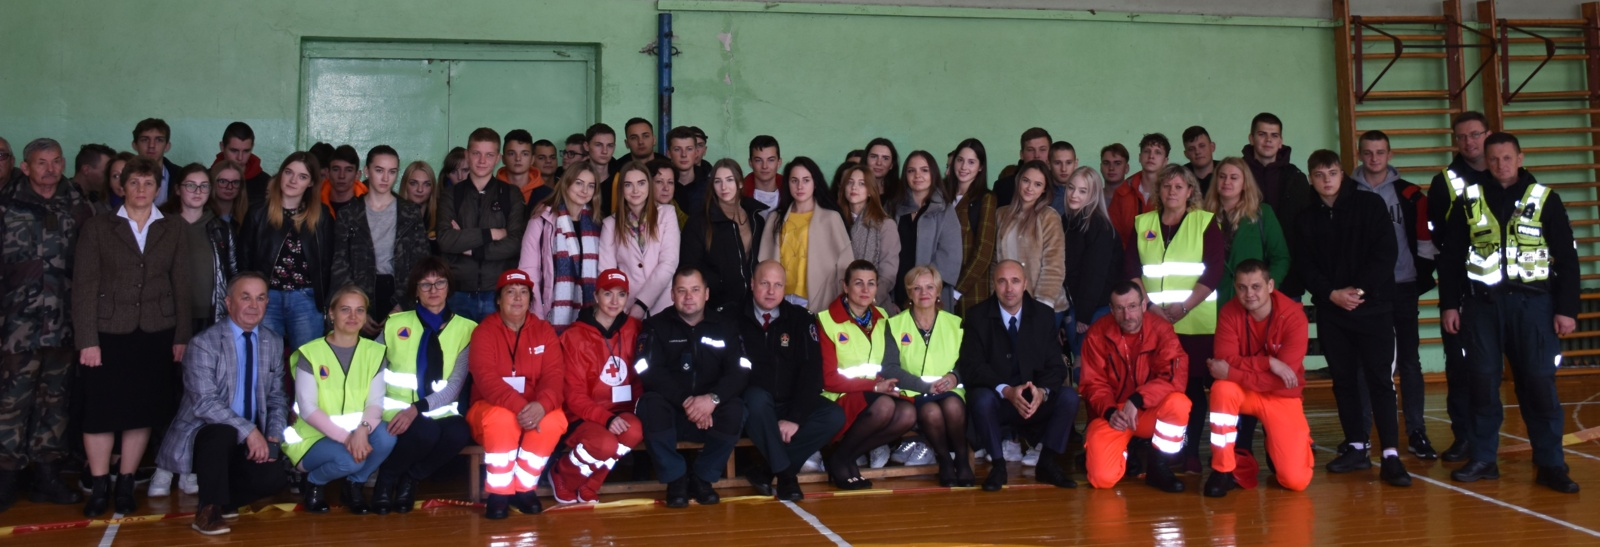 Spalio 1-4 dienomis Varėnos r. vyko valstybės lygio civilinės saugos funkcinės pratybos